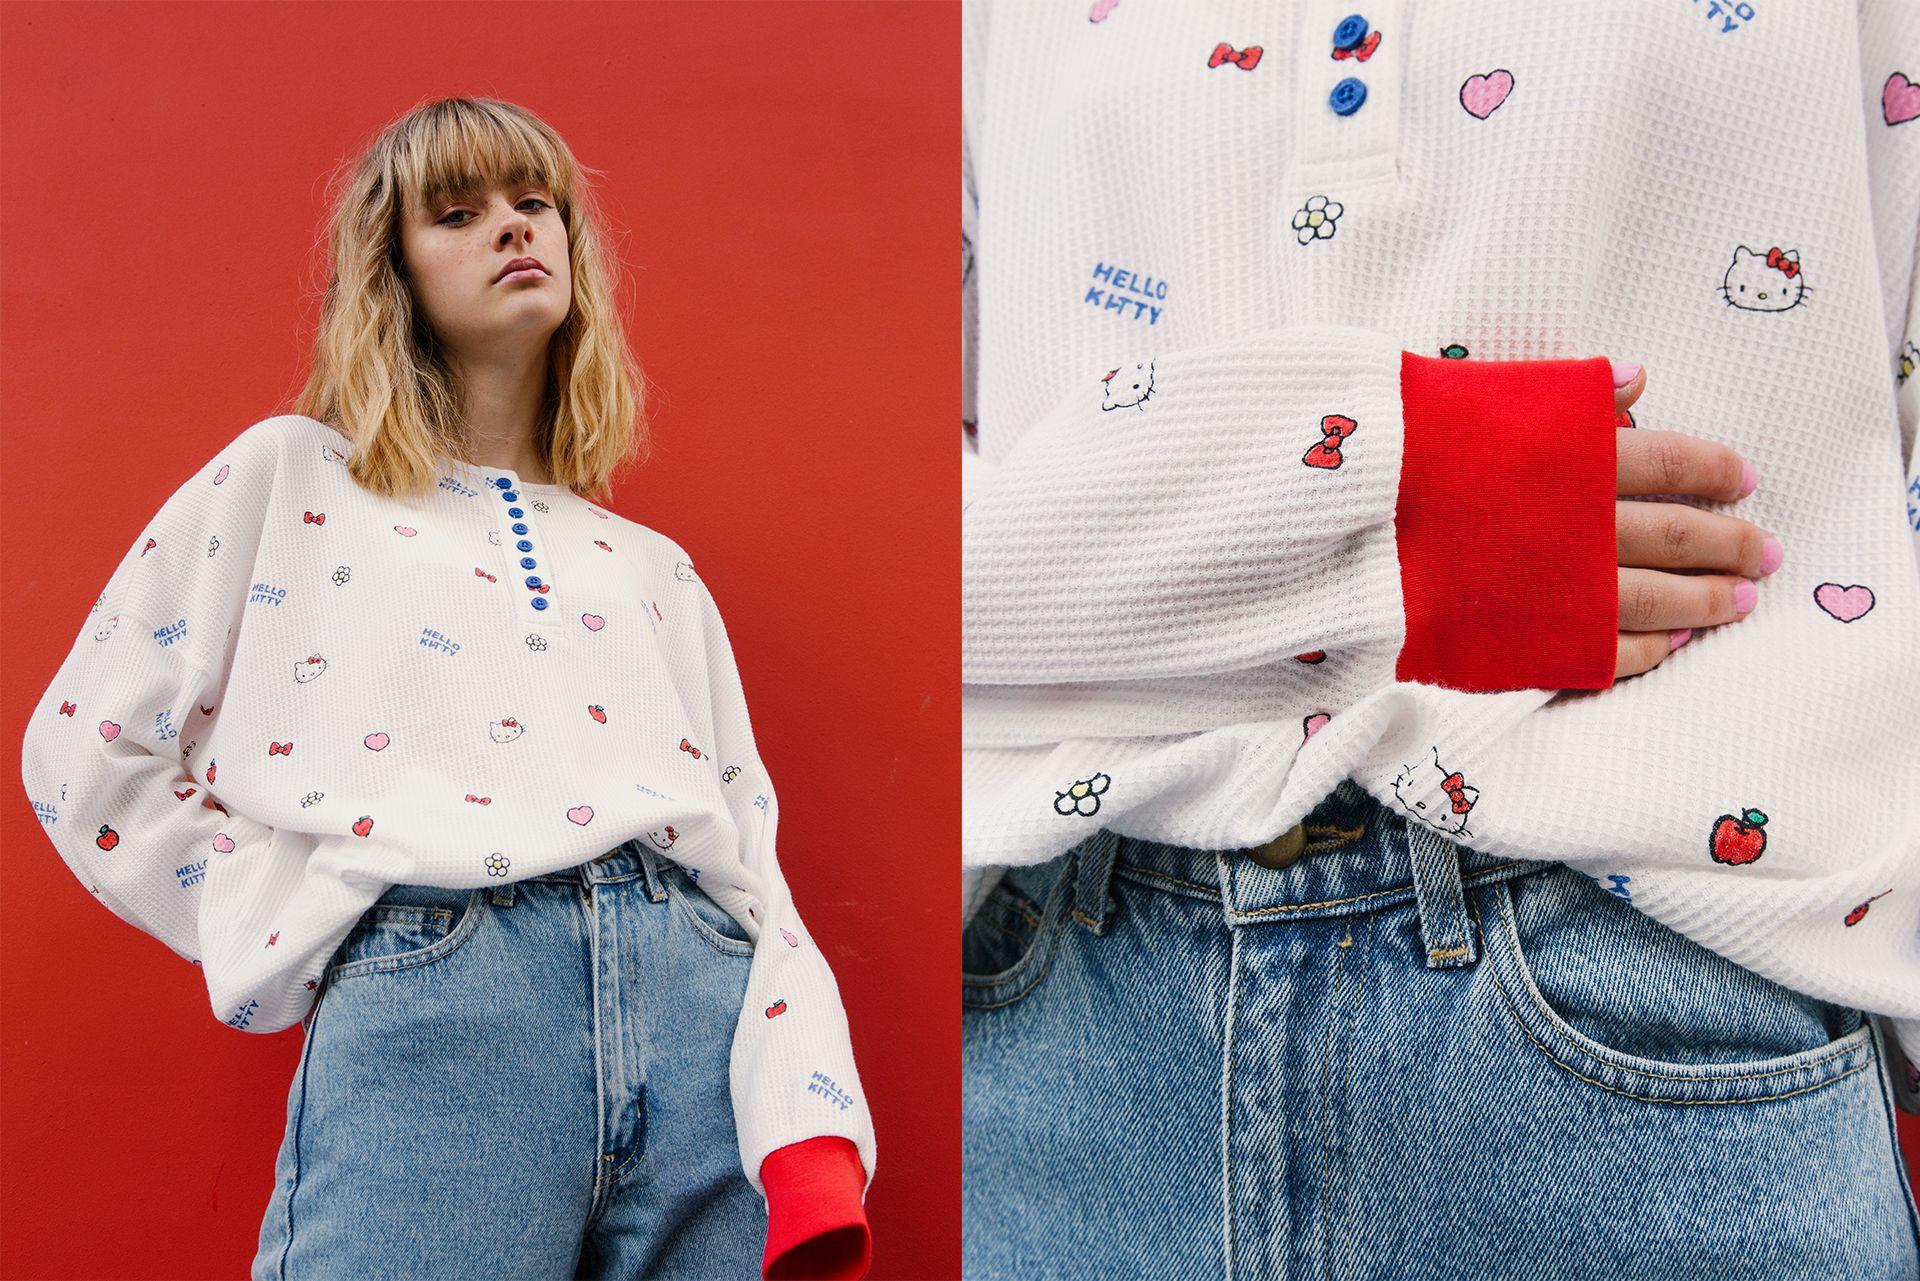 a7f2eddd4 Hello Kitty x Lazy Oaf Campaign | Lazy Oaf x Hello Kitty | Fashion ...